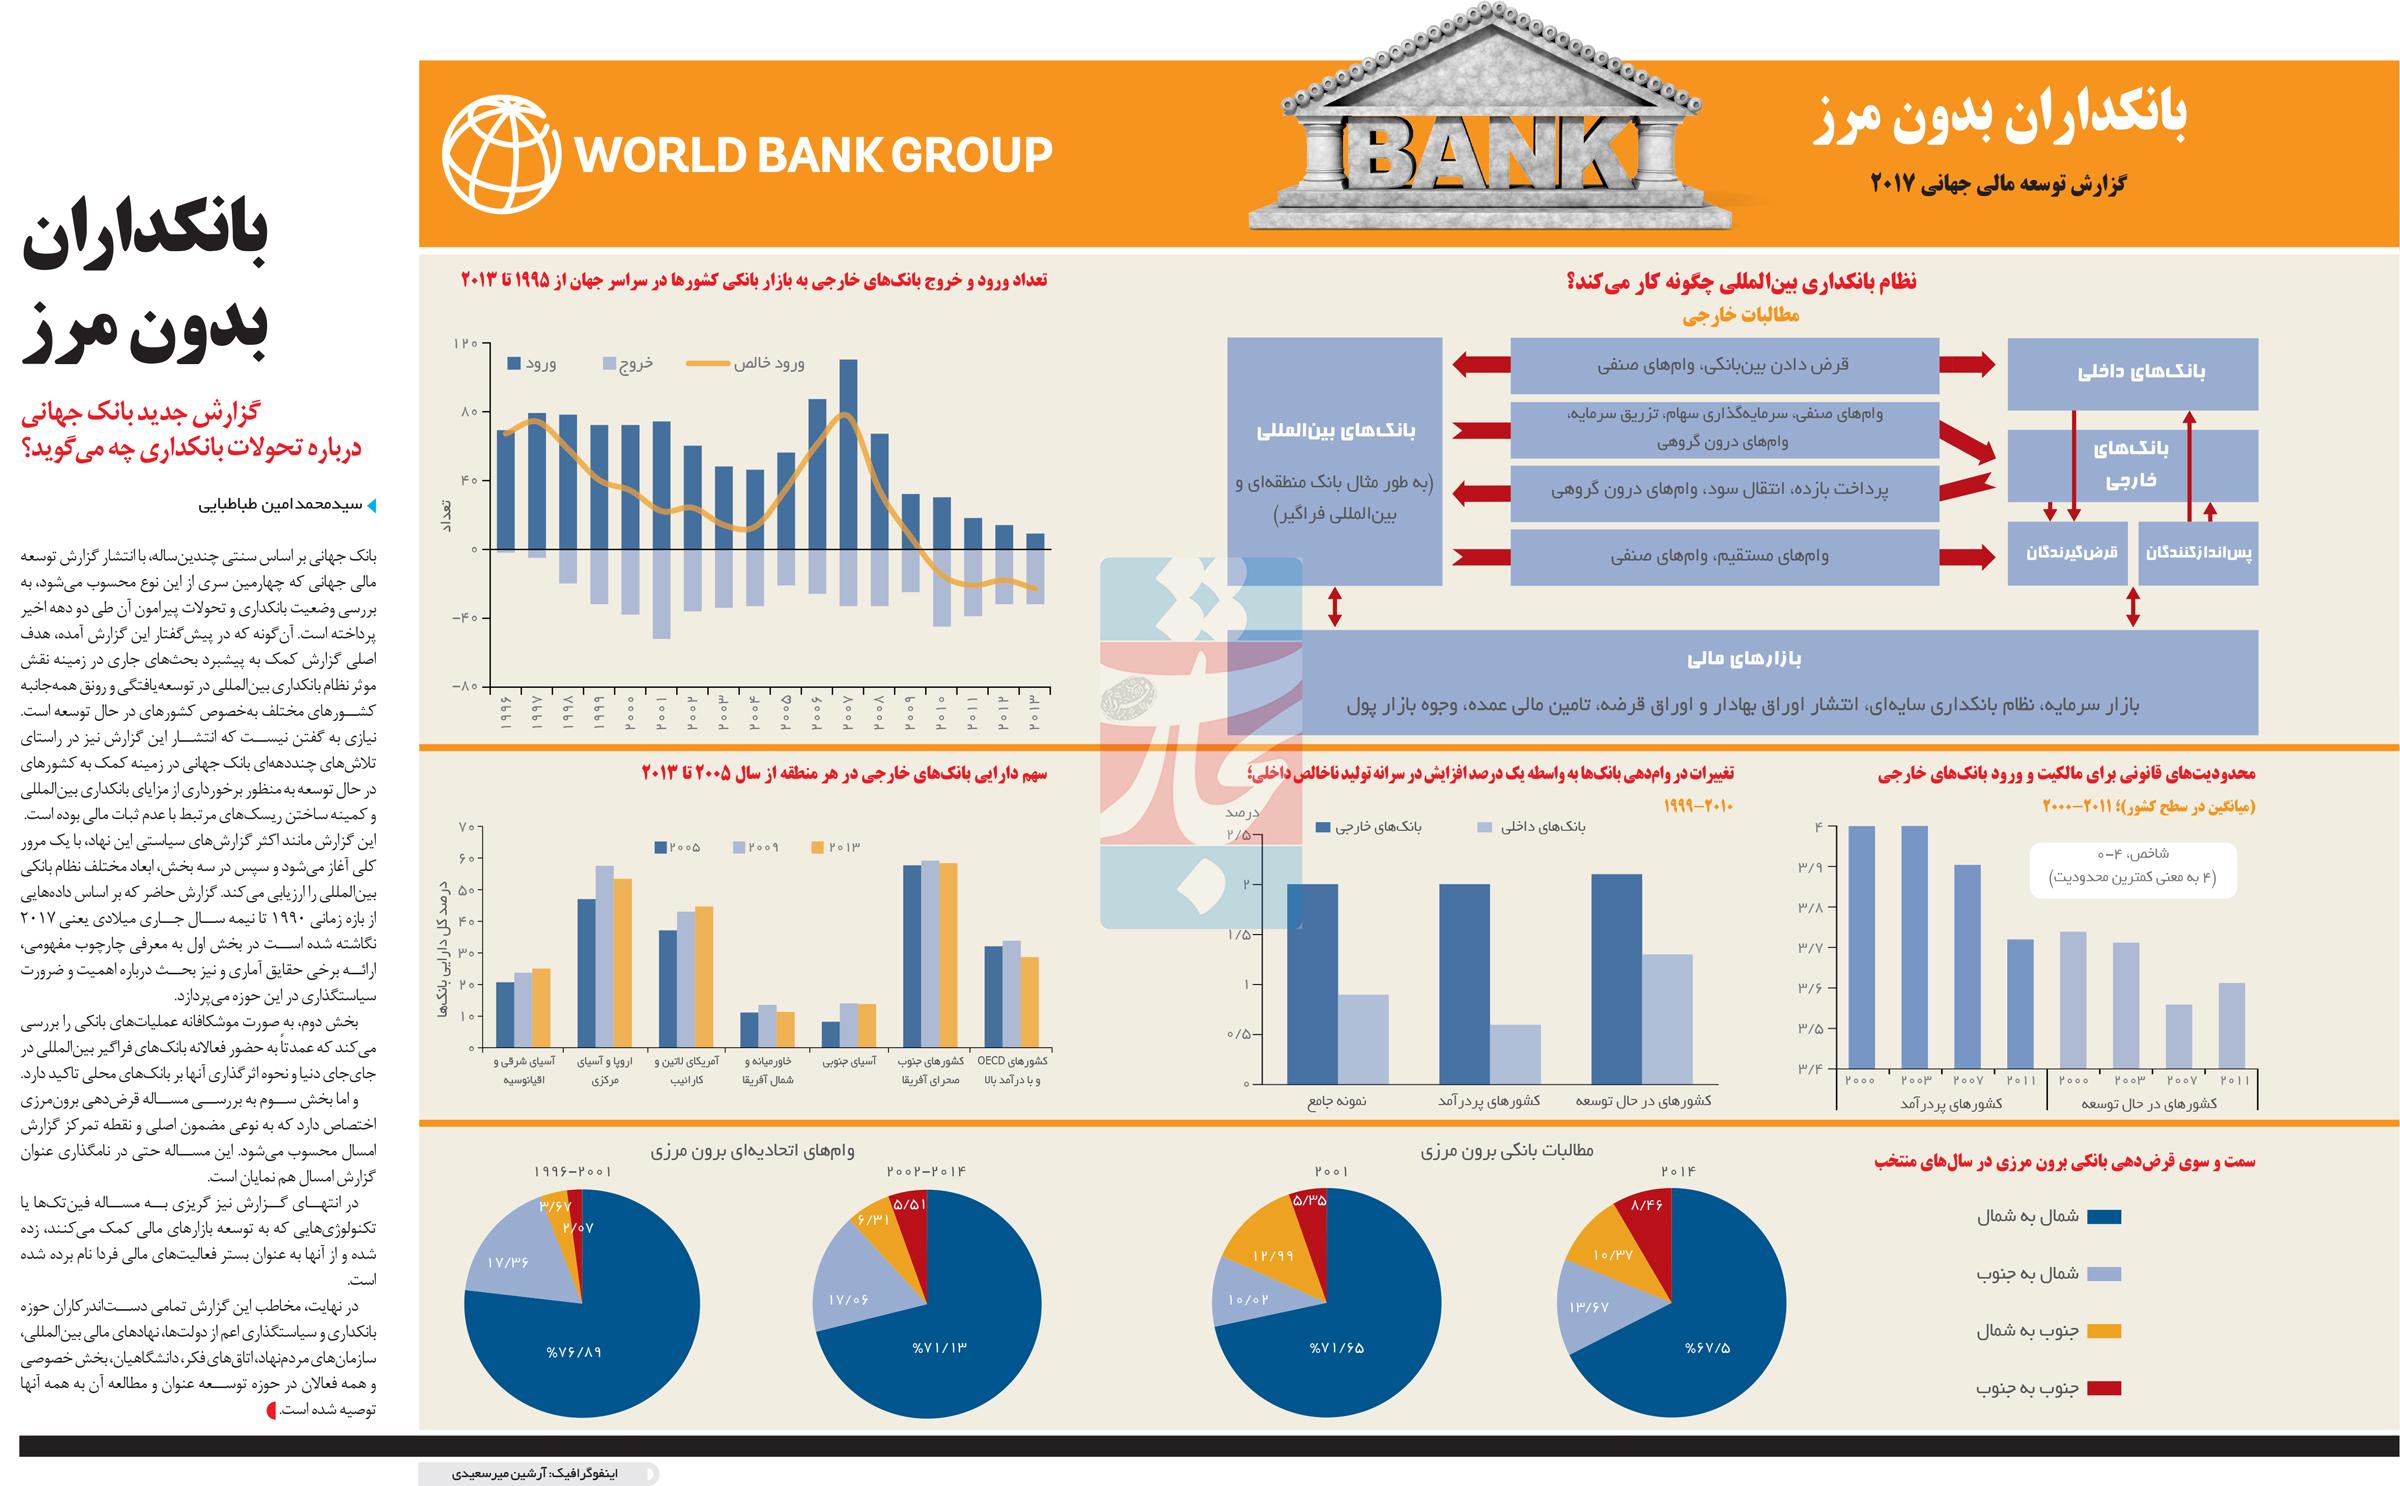 تجارت- فردا- بانکداران بدون مرز(اینفوگرافیک)